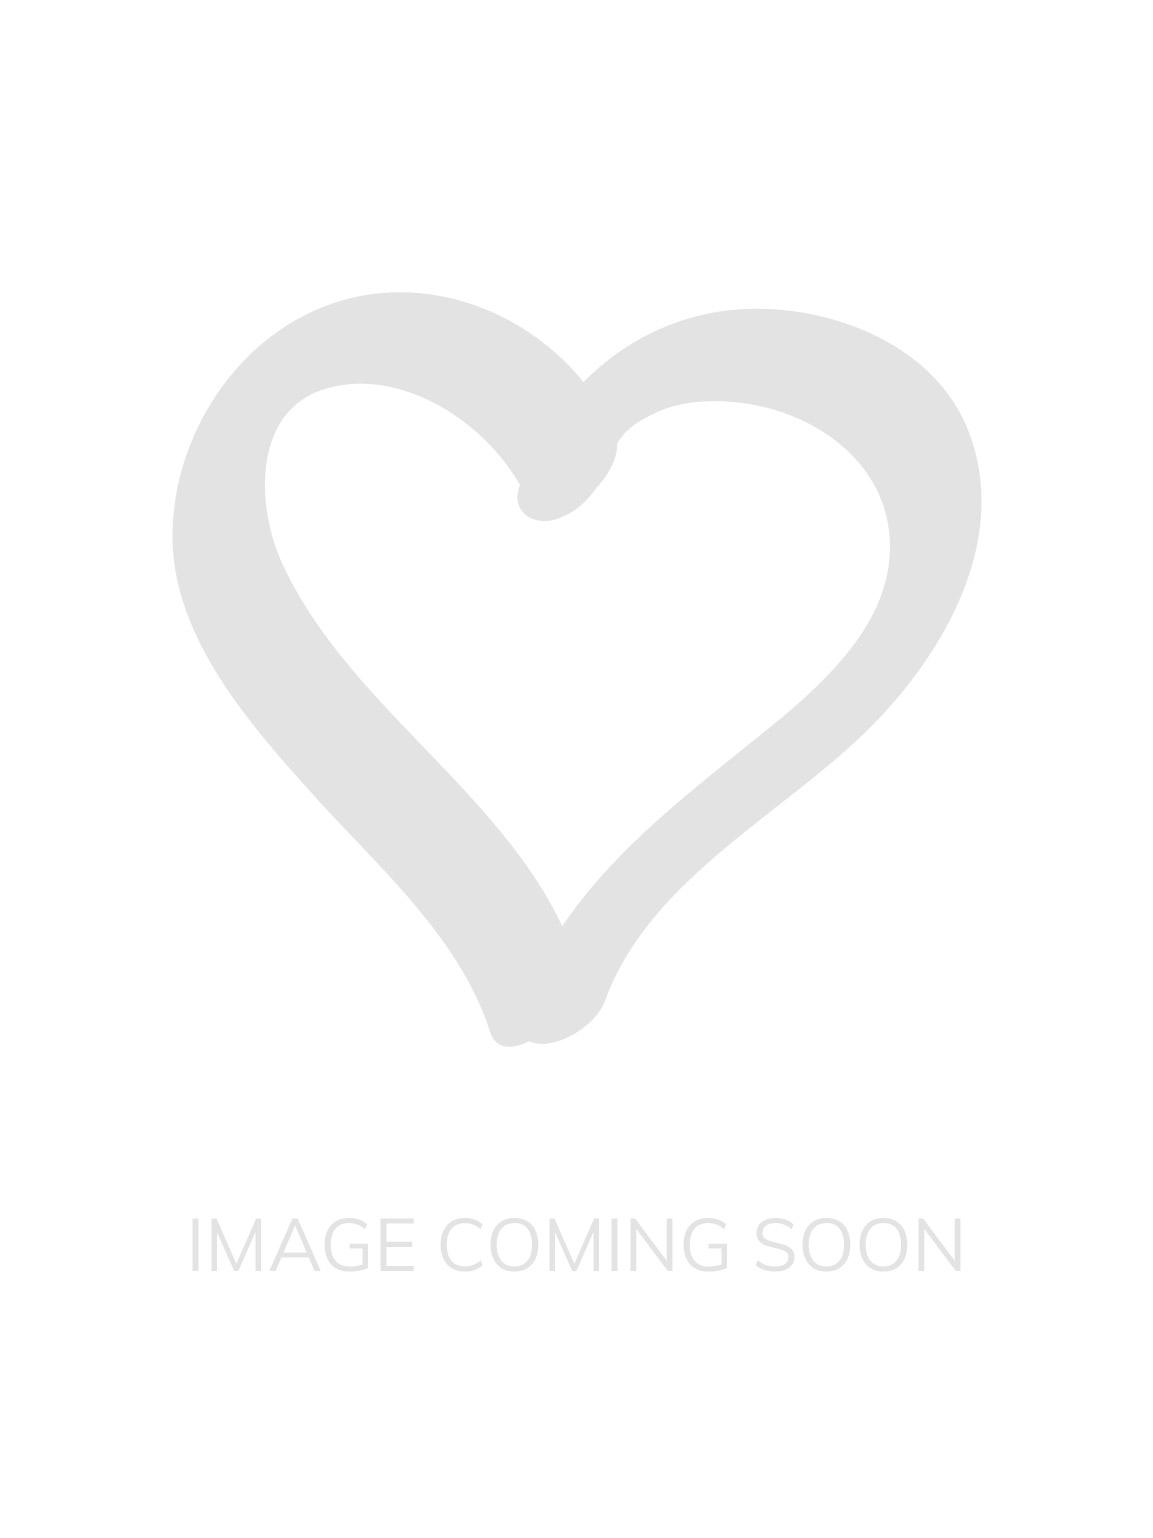 3c2ae7d53054 Modern Lights Bodysuit - Black | Lingerie Outlet Store